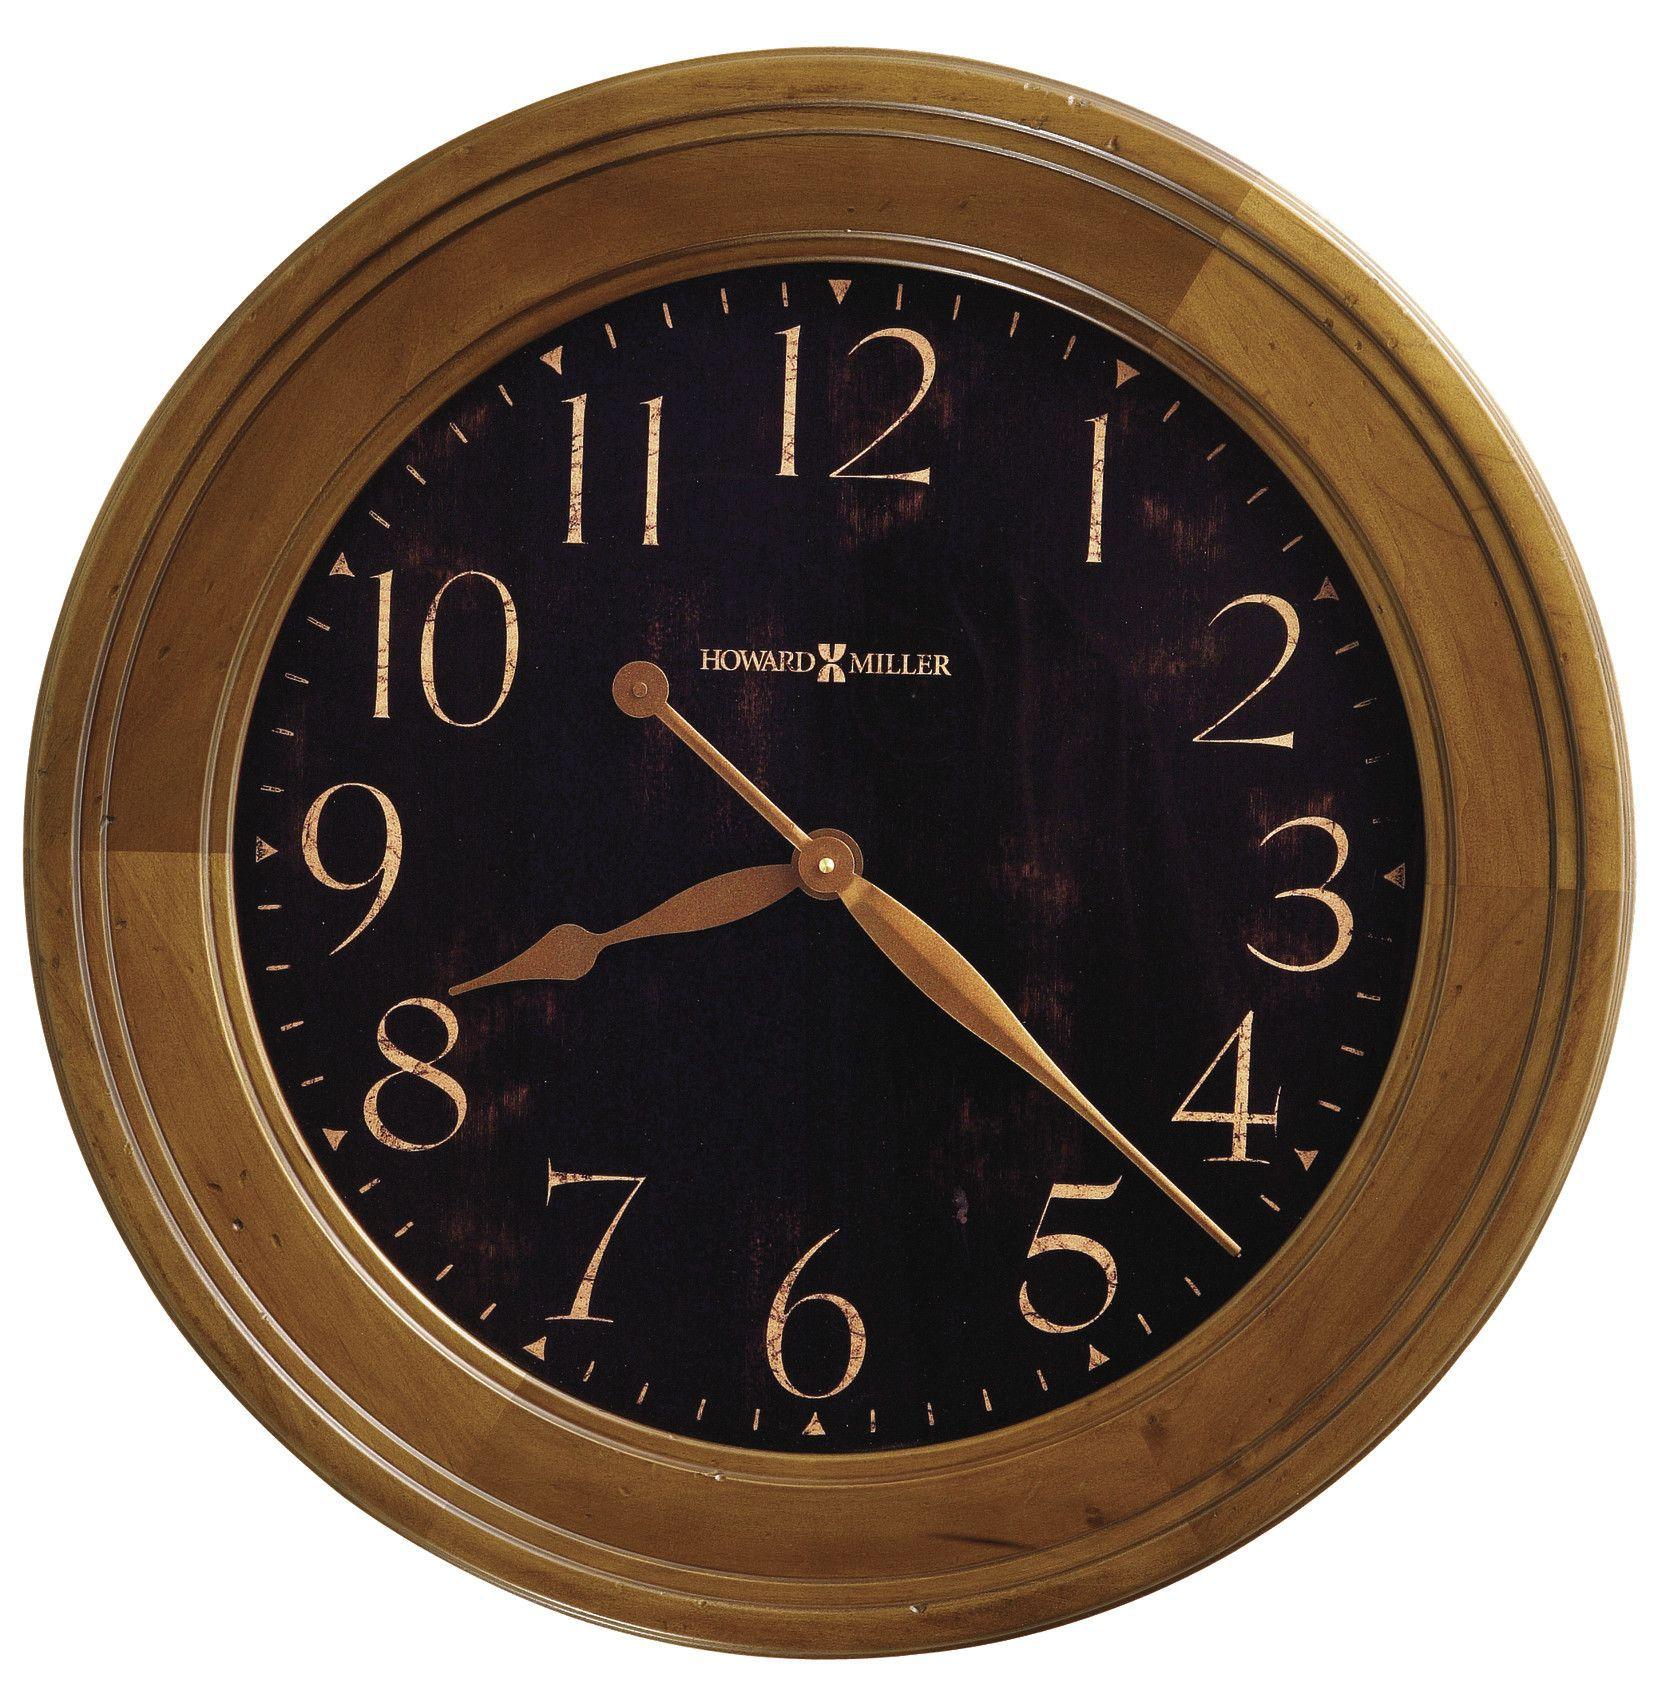 Часы настенные Часы настенные Howard Miller 620-482 Brenden Gallery chasy-nastennye-howard-miller-620-482-brenden-gallery-ssha.jpg